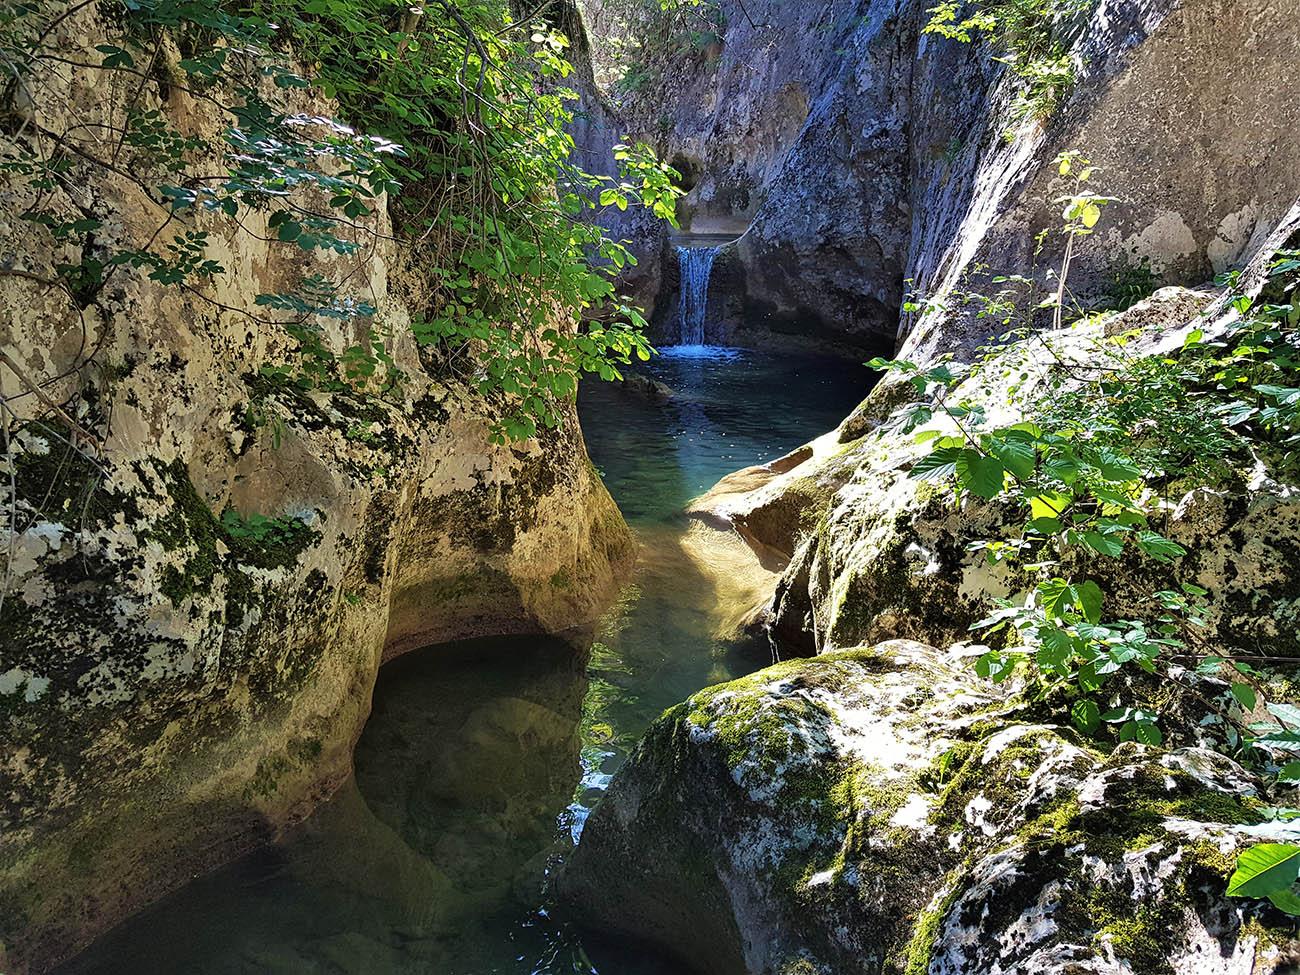 Kotlovi reke Belice